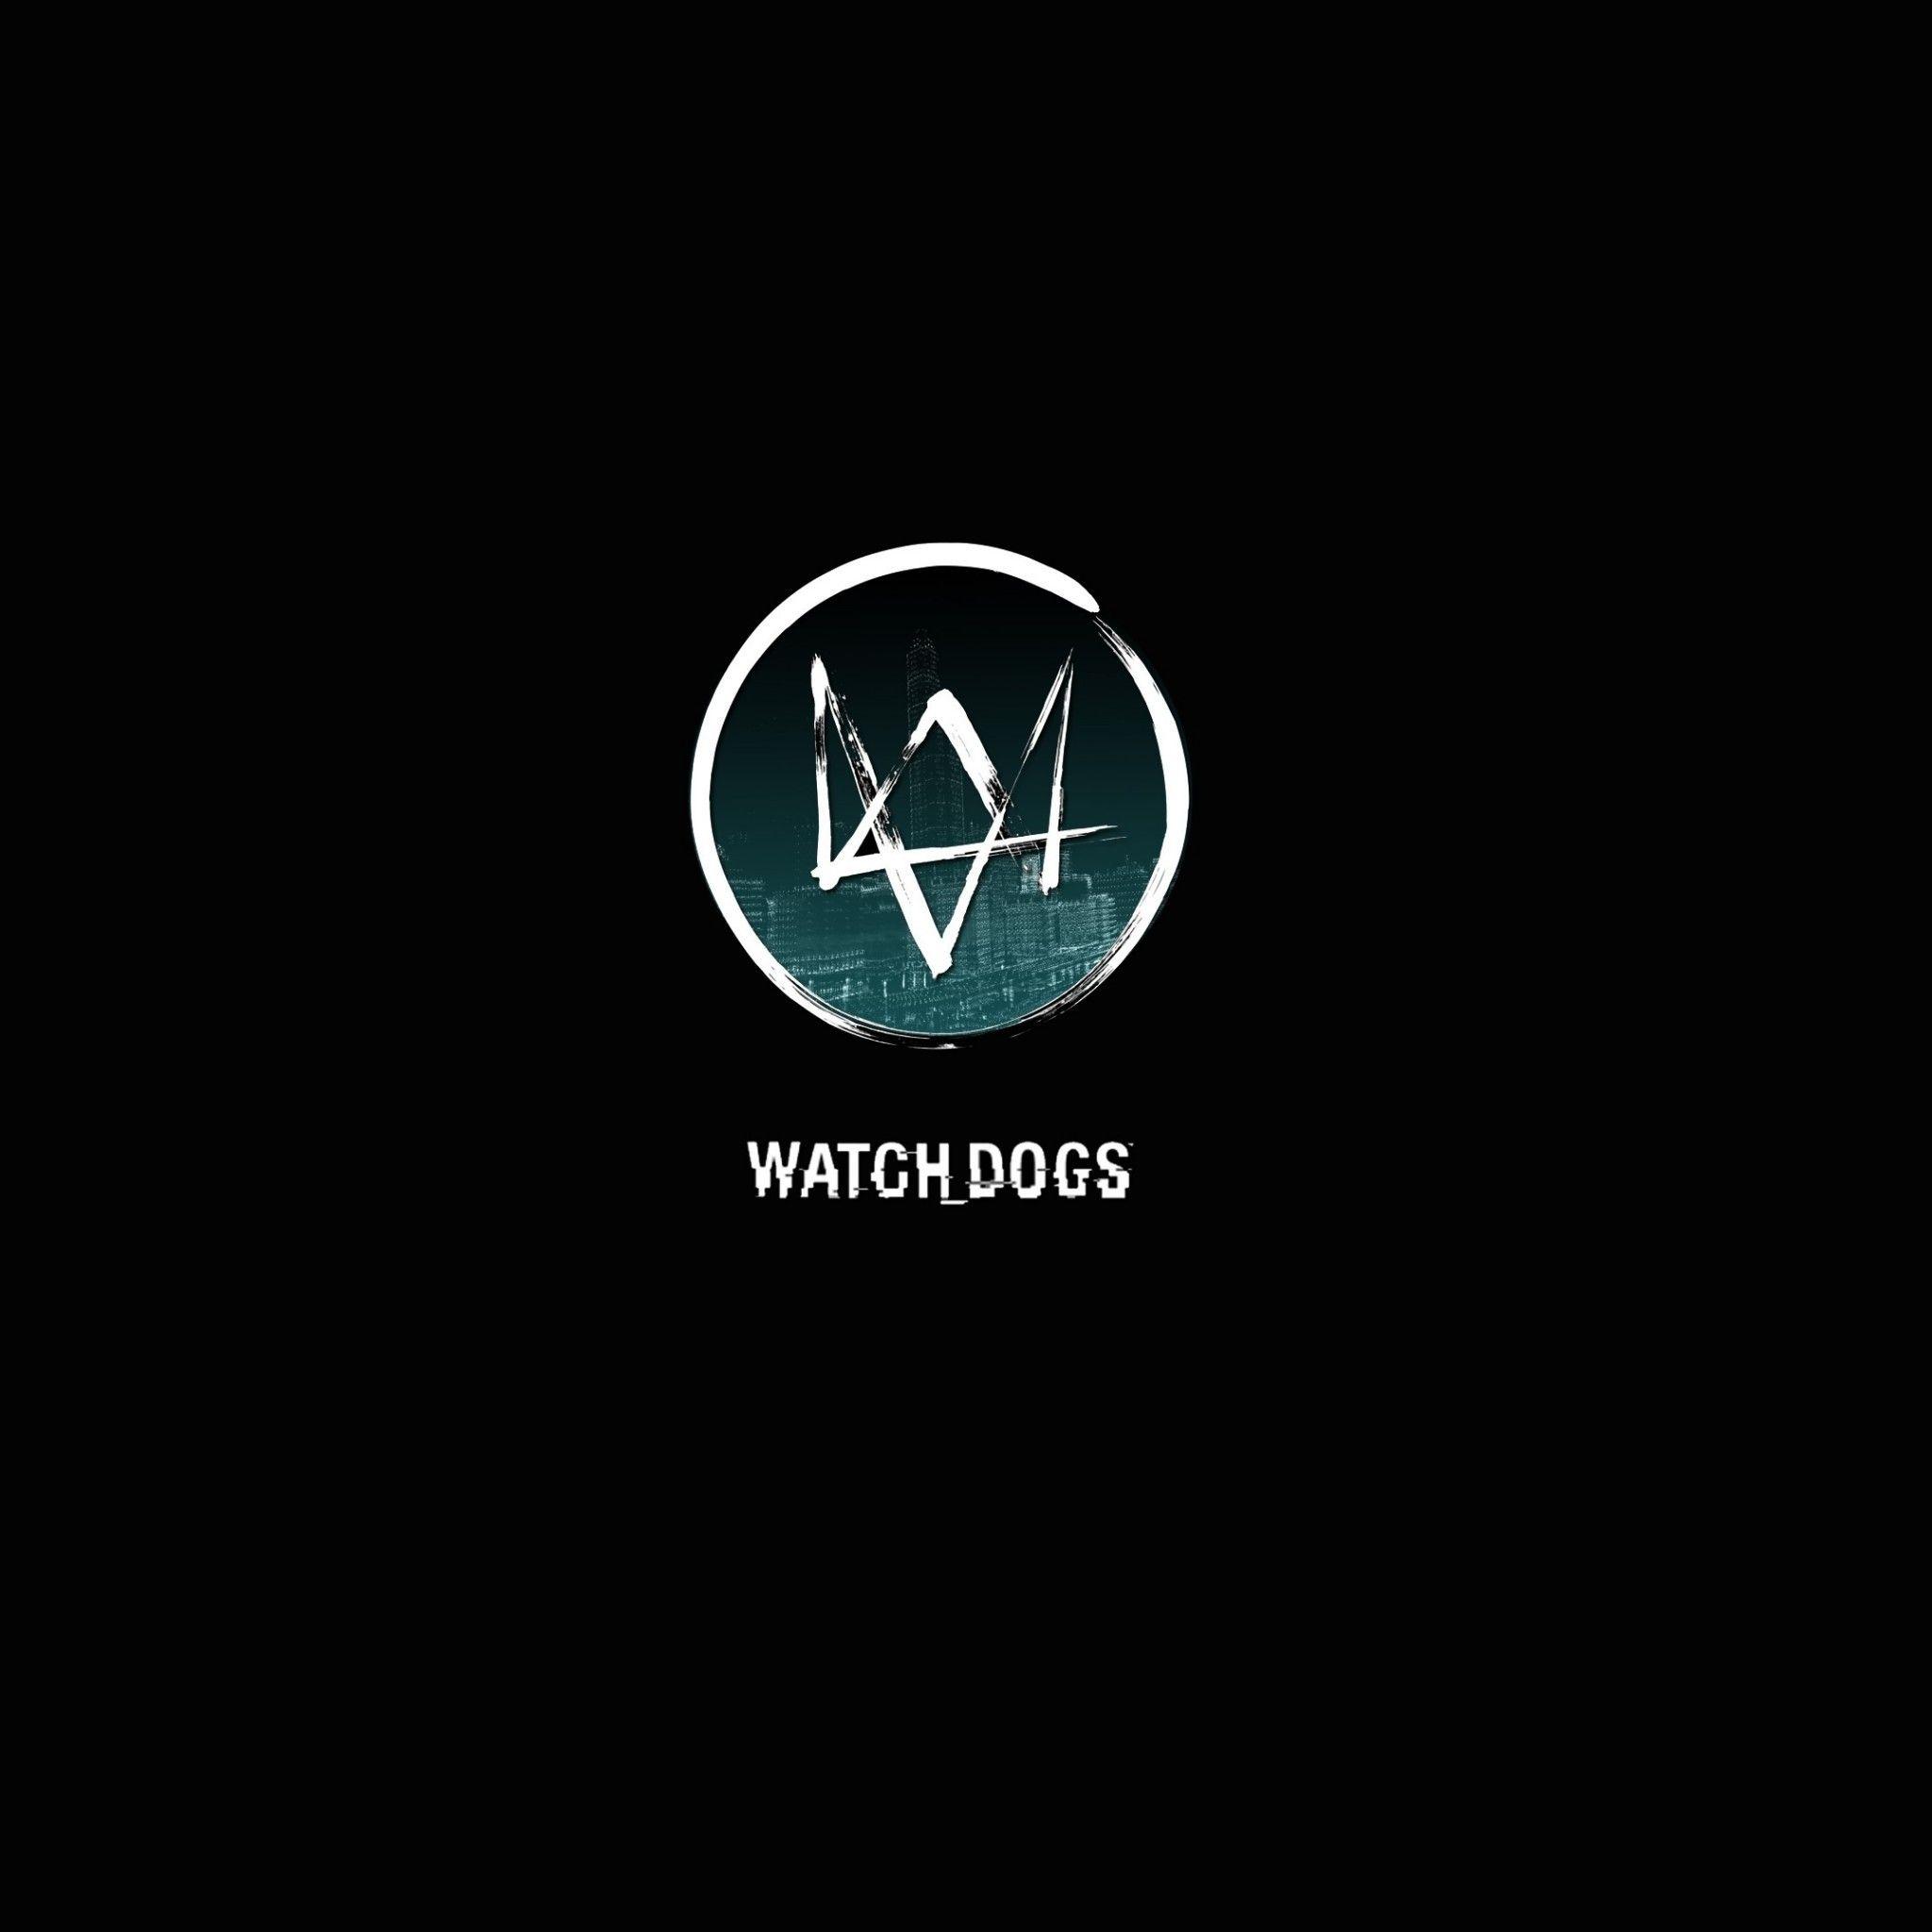 Watch Dogs Fox Logo Wallpapers On Wallpaper 1080p Hd